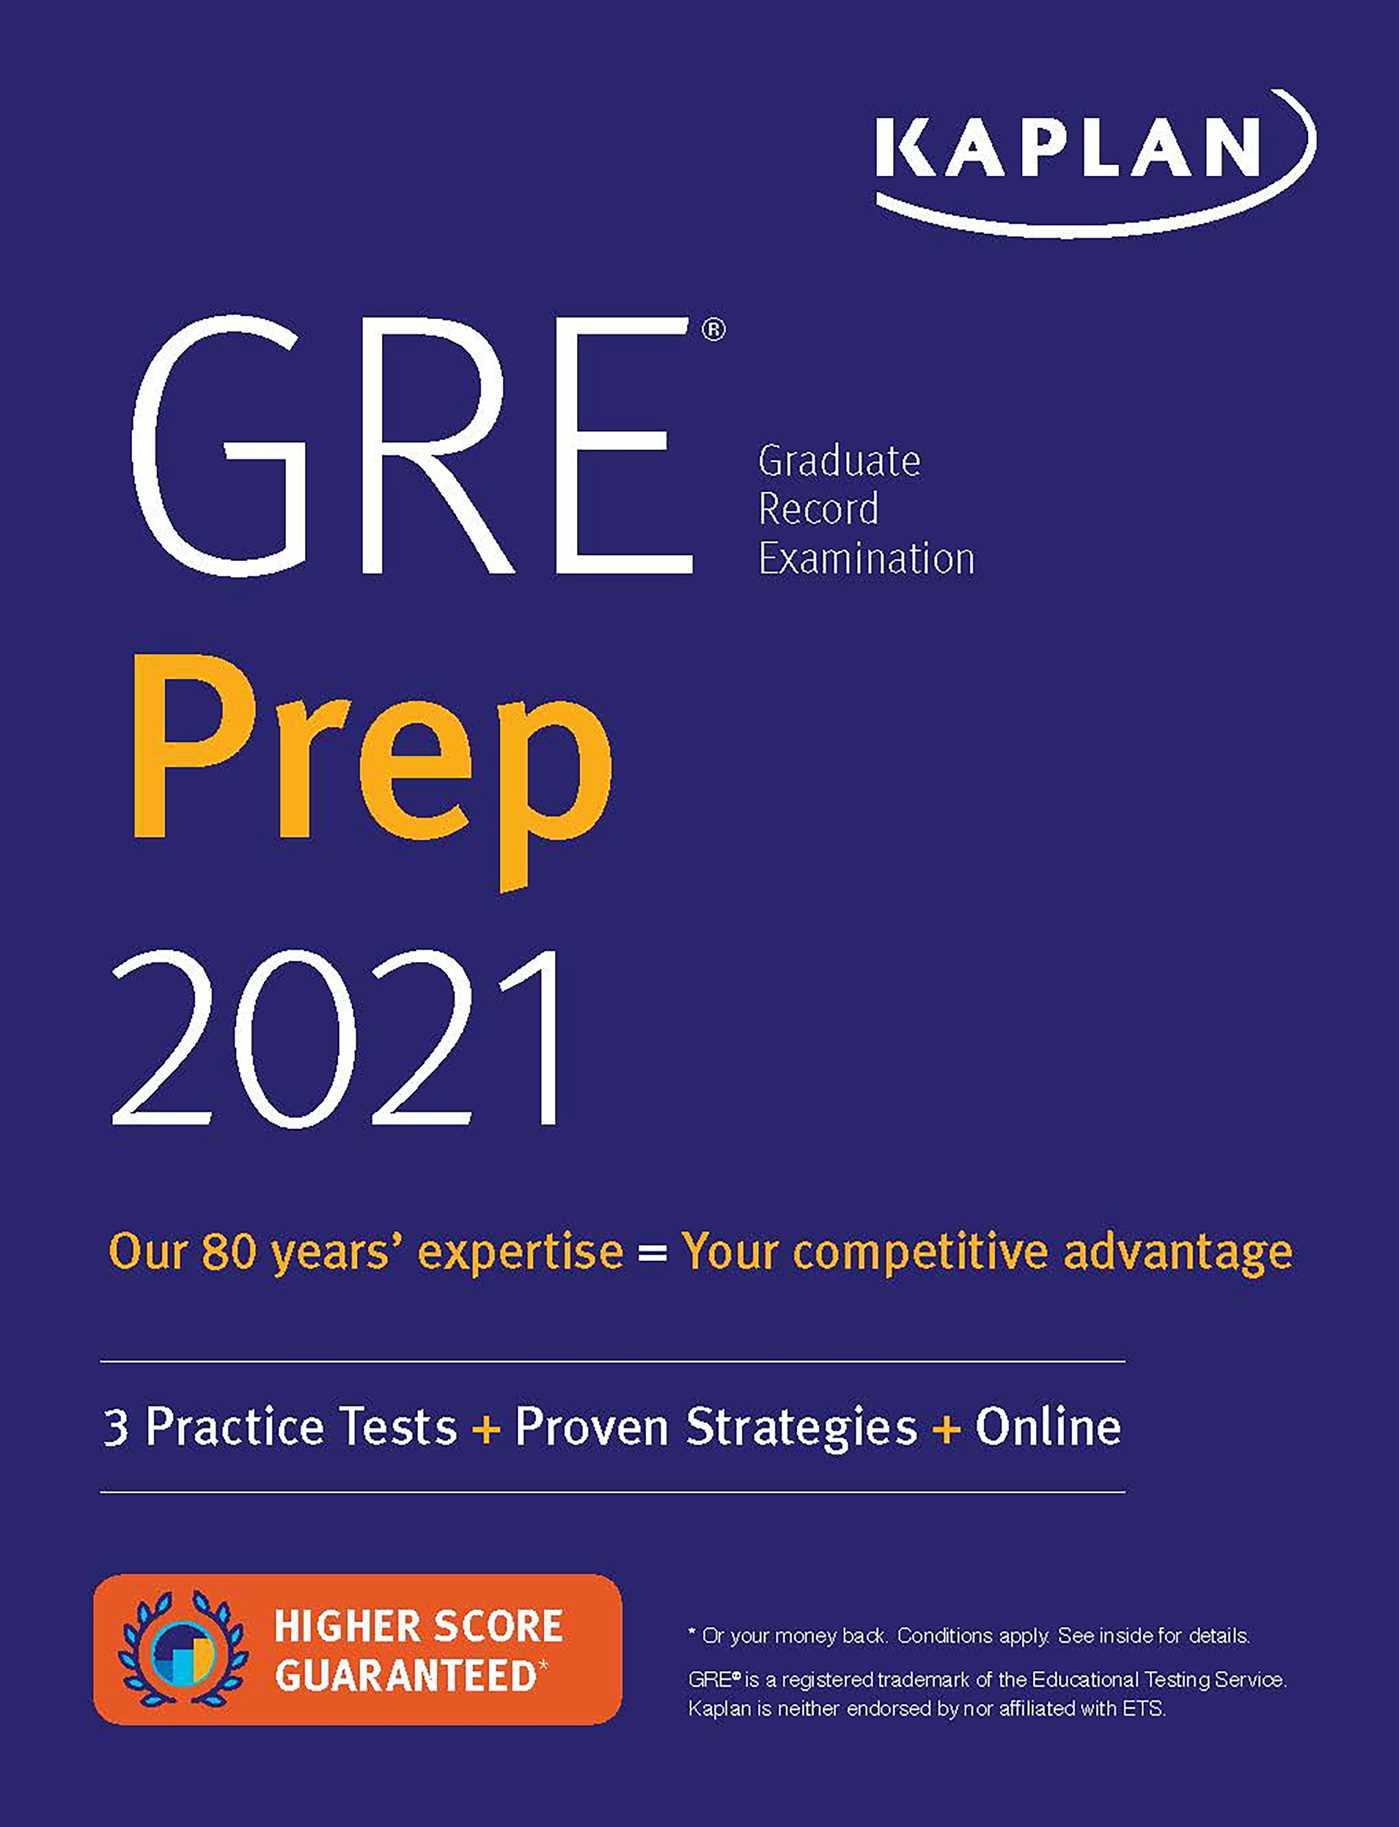 GRE Prep 2021: Practice Tests + Proven Strategies + Online